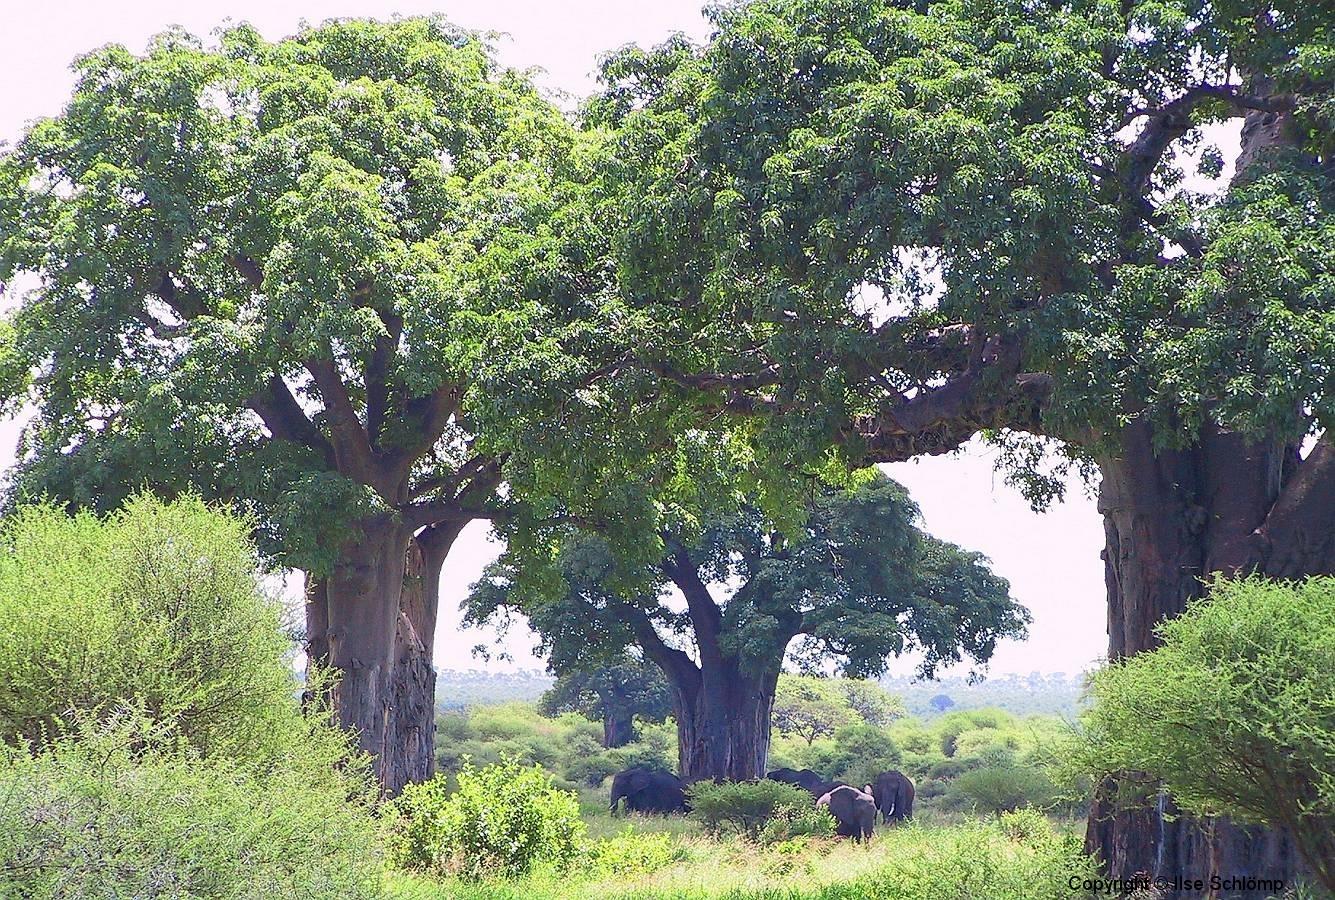 Tansania, Tarangire Nationalpark, Elefanten unter Baobab-Bäumen, Ein Bild wie aus einer anderen Welt